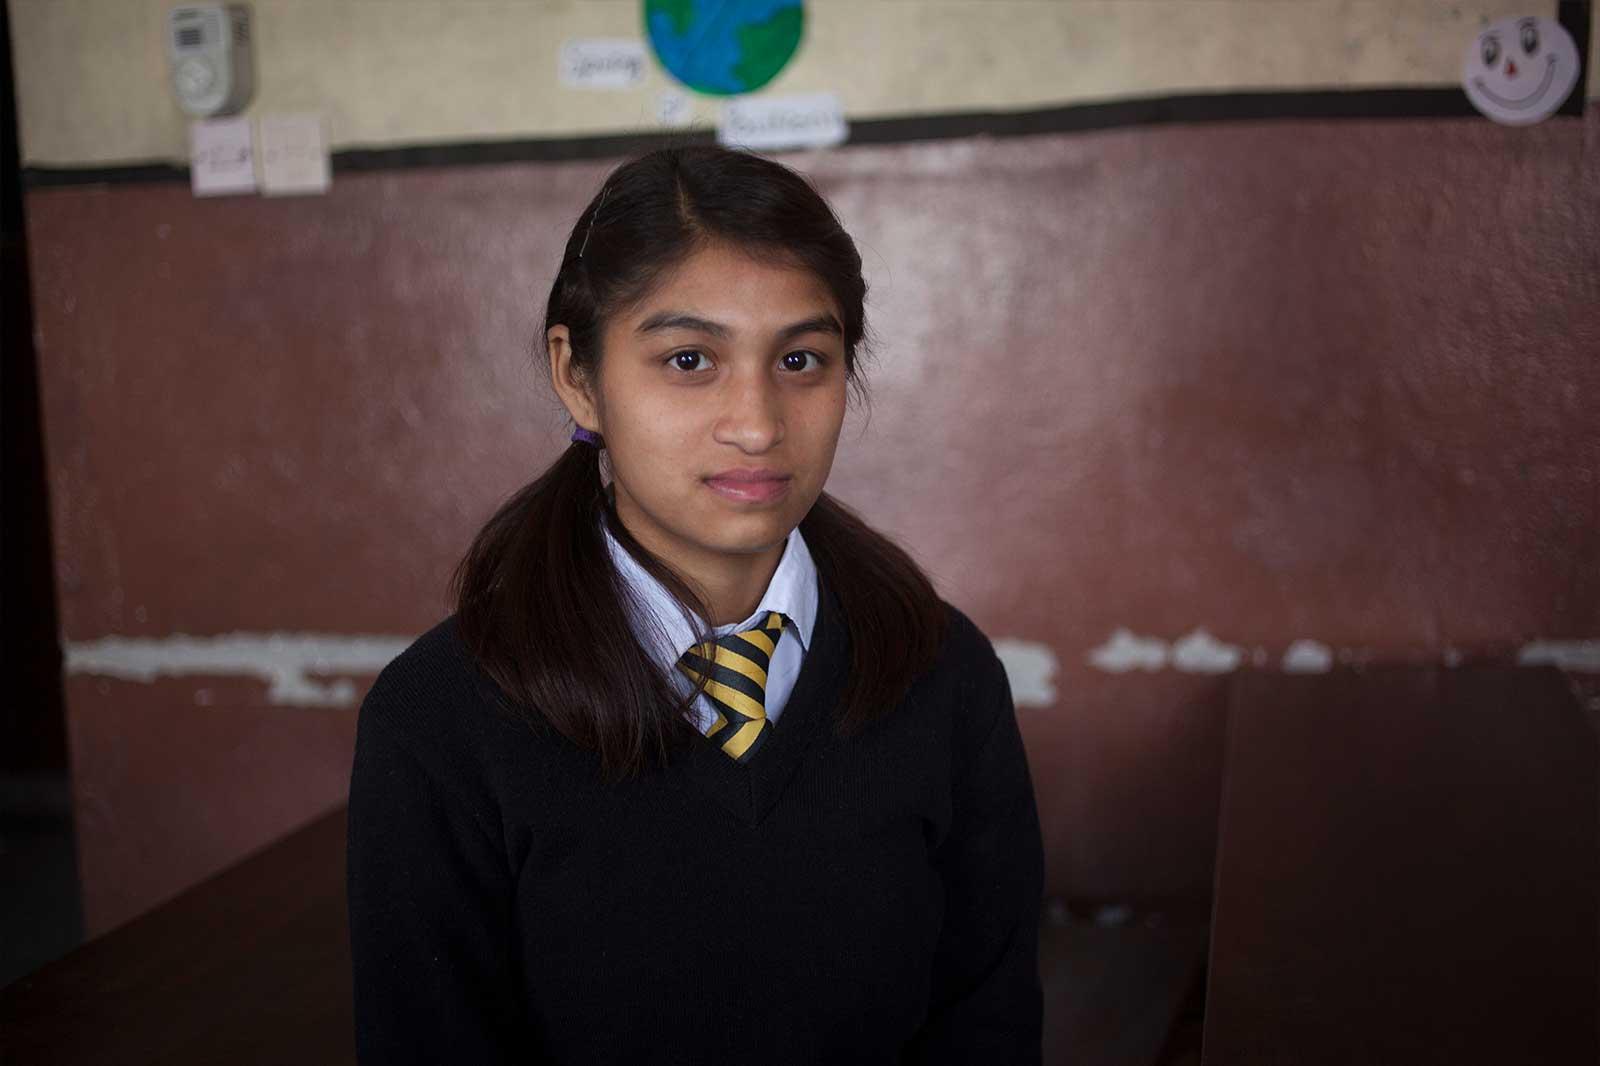 Neeta KC cayó en las redes de la trata con 14 años; fue esclava sexual y bailarina de cabina en un dance club, cobrando apenas 900 rupias (7,5 €) al mes. Su madre denunció su caso de desaparición y fue rescatada de un peep show.